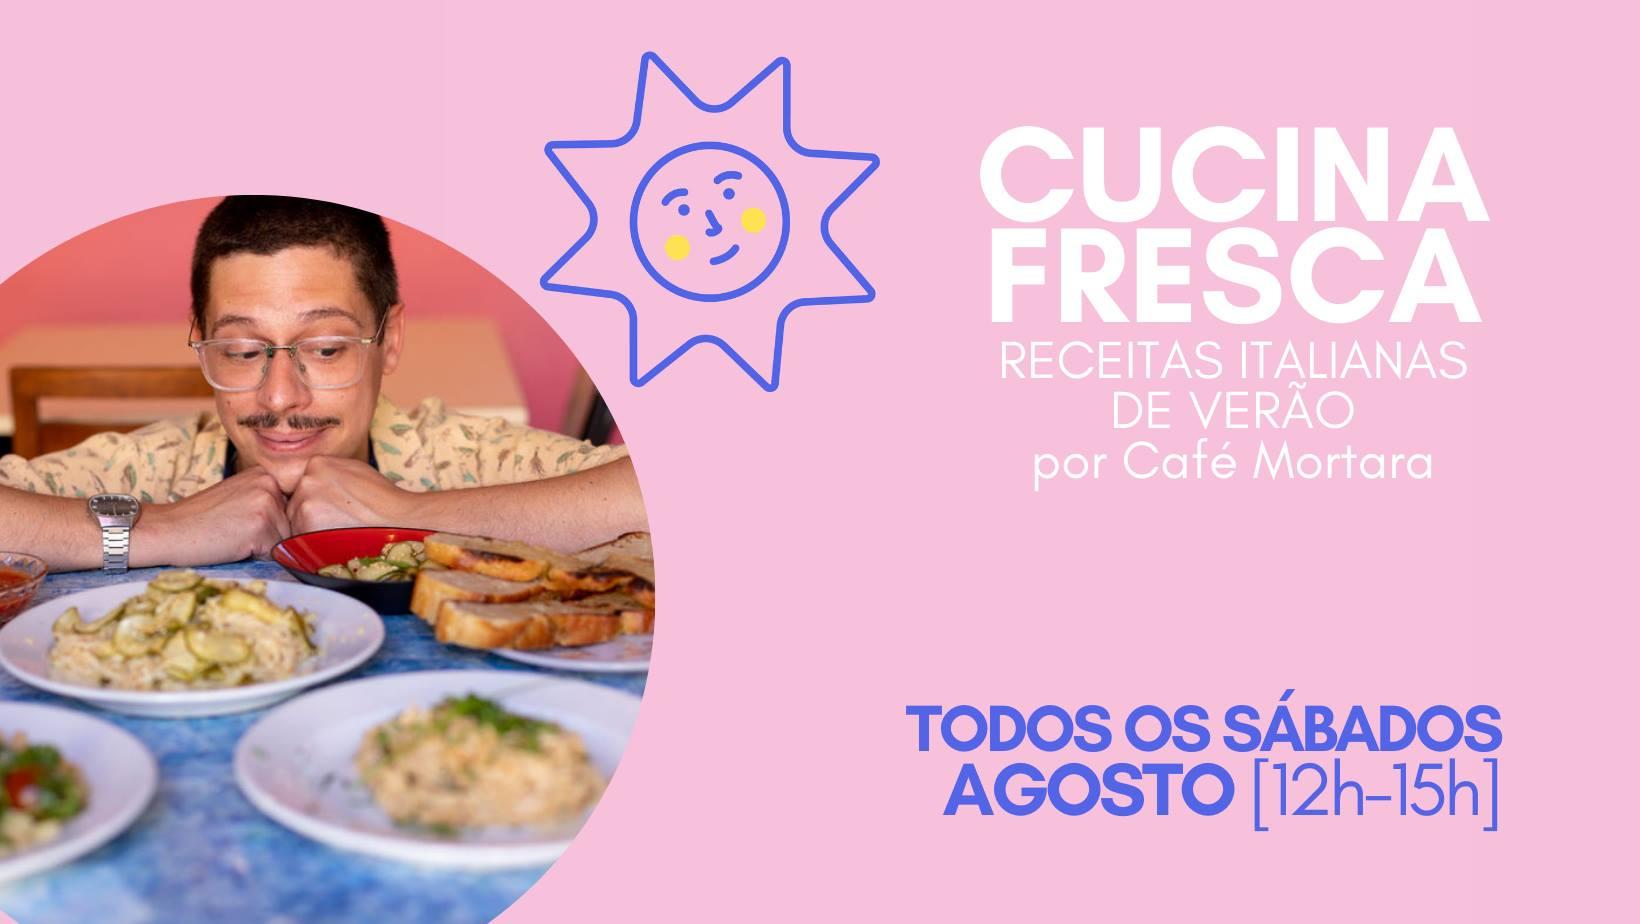 CUCINA FRESCA   receitas italianas de verão - por Café Mortara